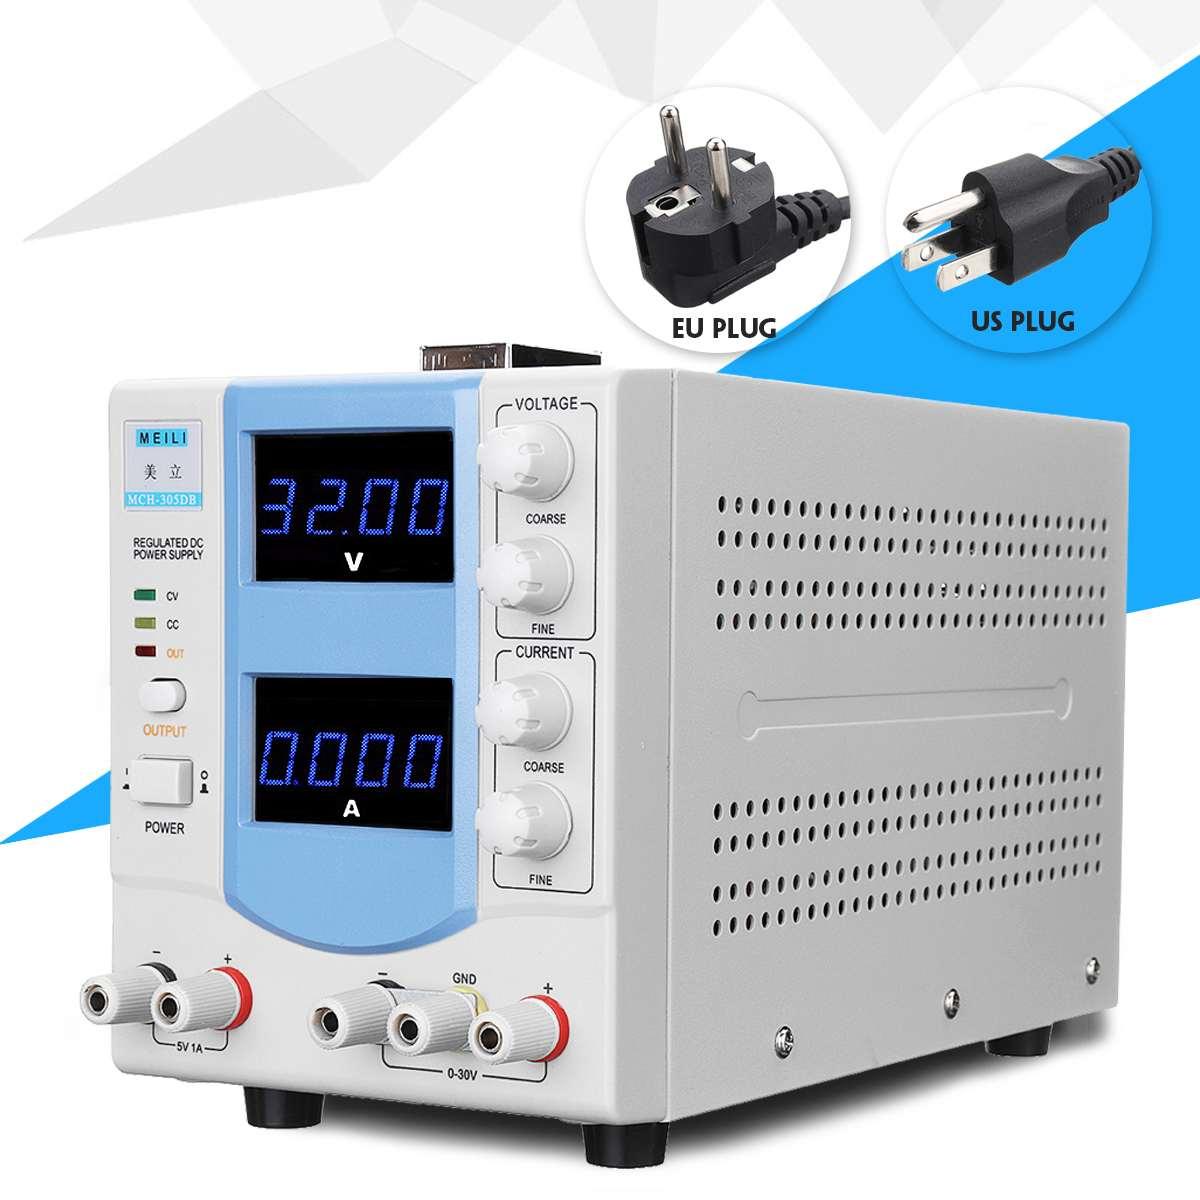 30V 5A Precise Voltage Regulators Digital LED DC Power Supply Adjustable Regulator 110V/220V Portable Power Supply